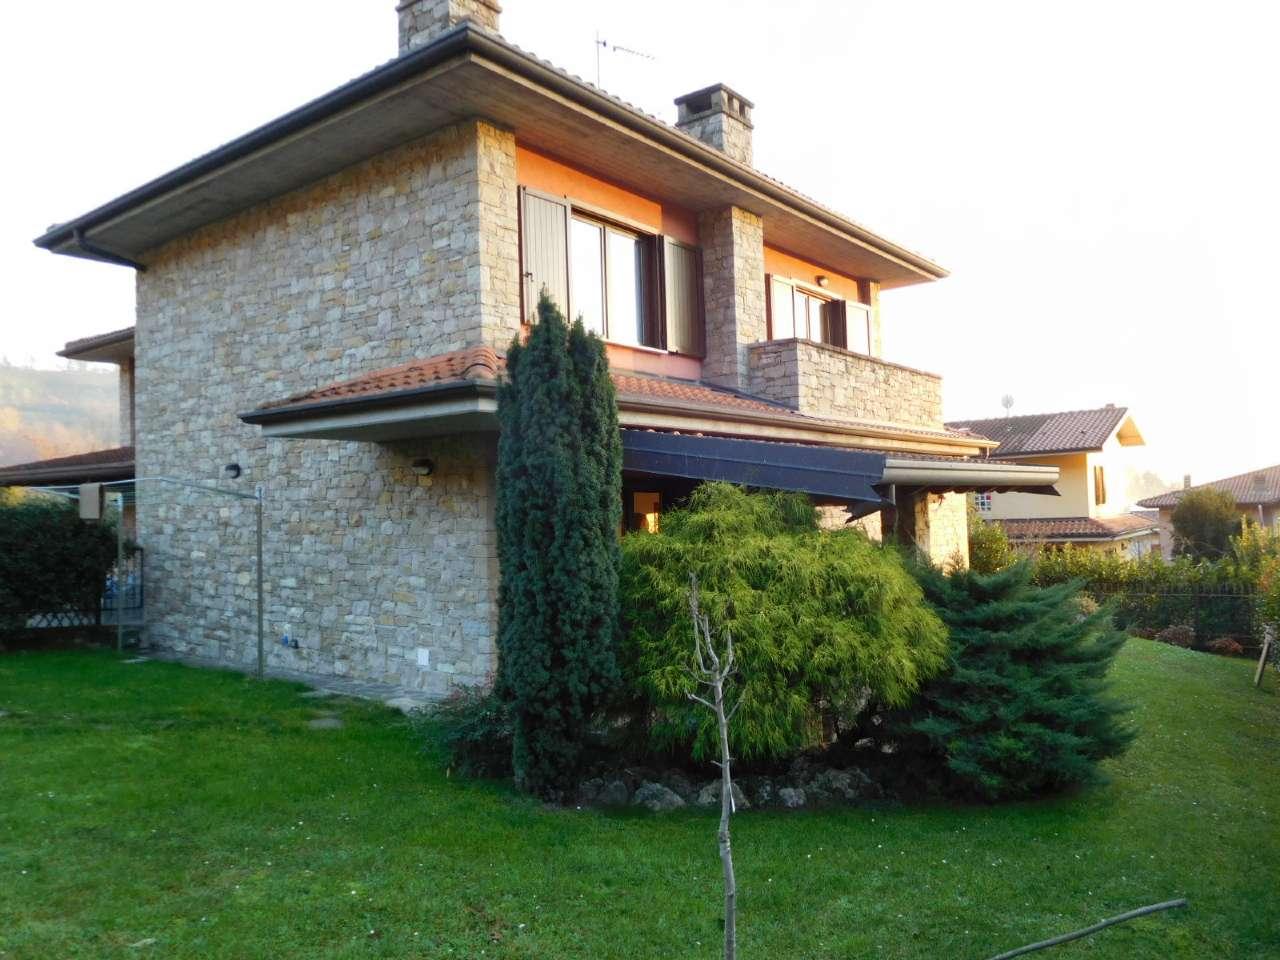 Villa Bifamiliare in vendita a Cenate Sopra, 4 locali, prezzo € 335.000   Cambio Casa.it